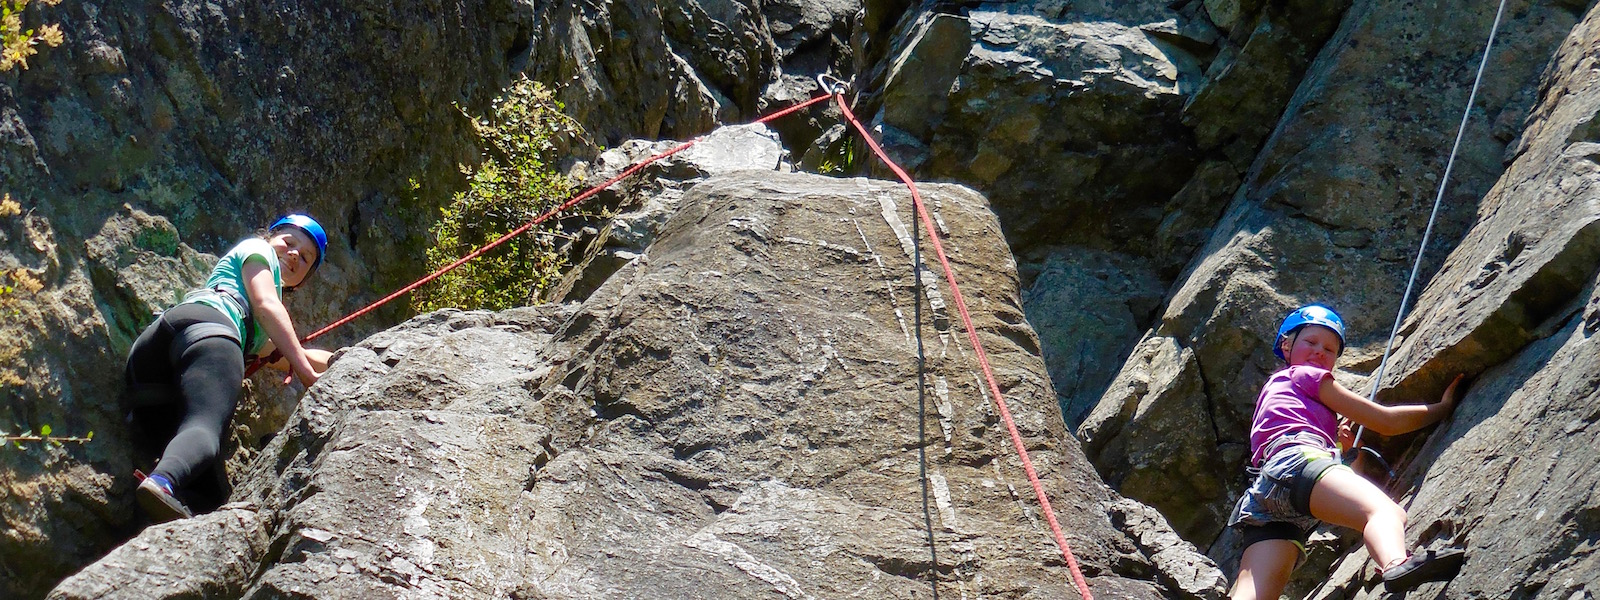 Girls Summer Camp Rock Climbing